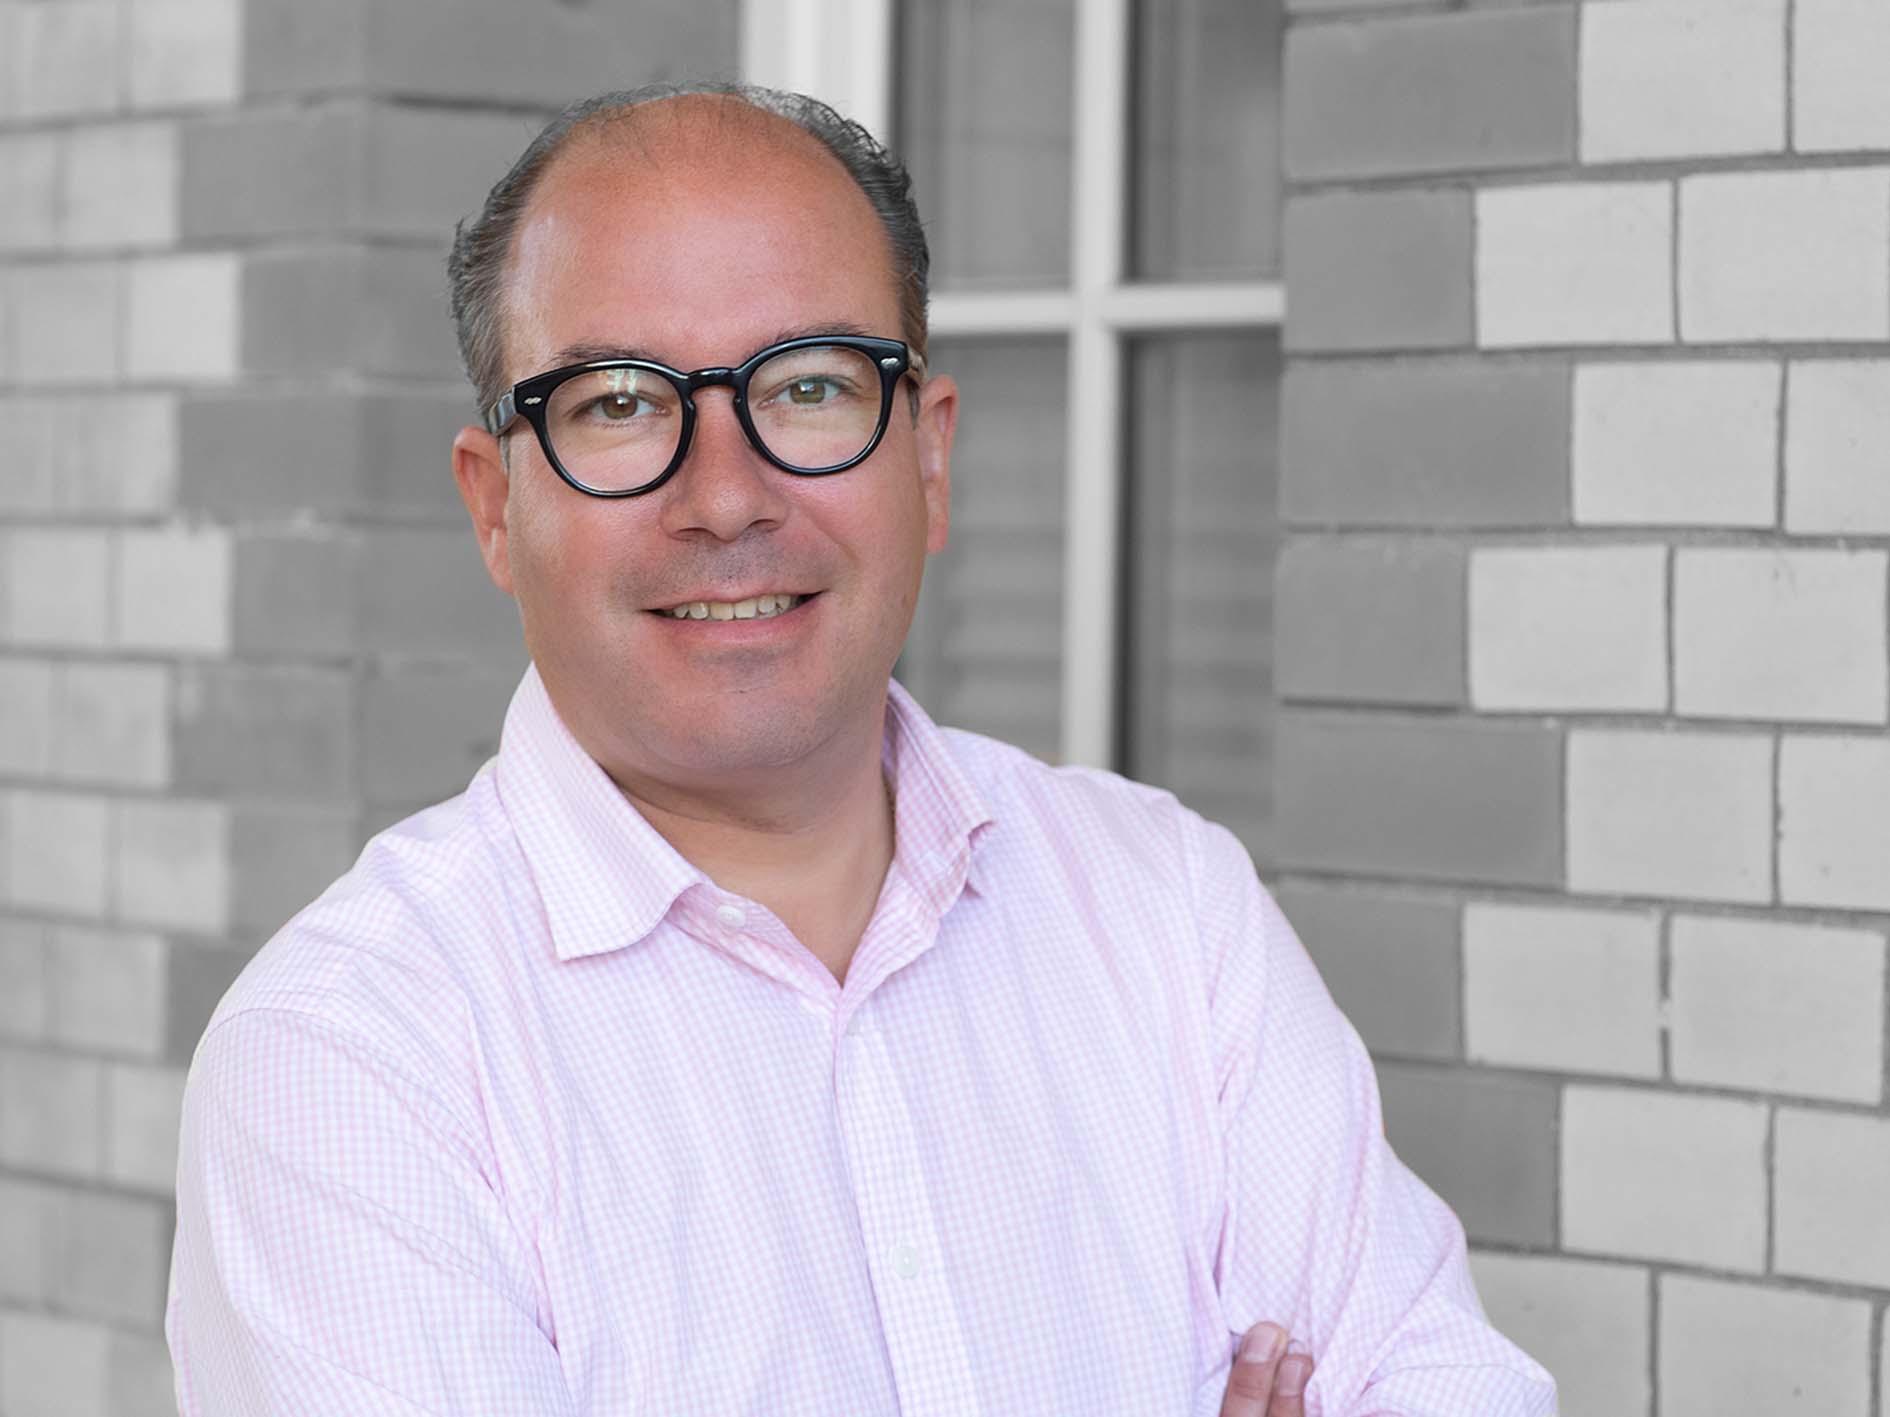 Jürgen Pachnicke